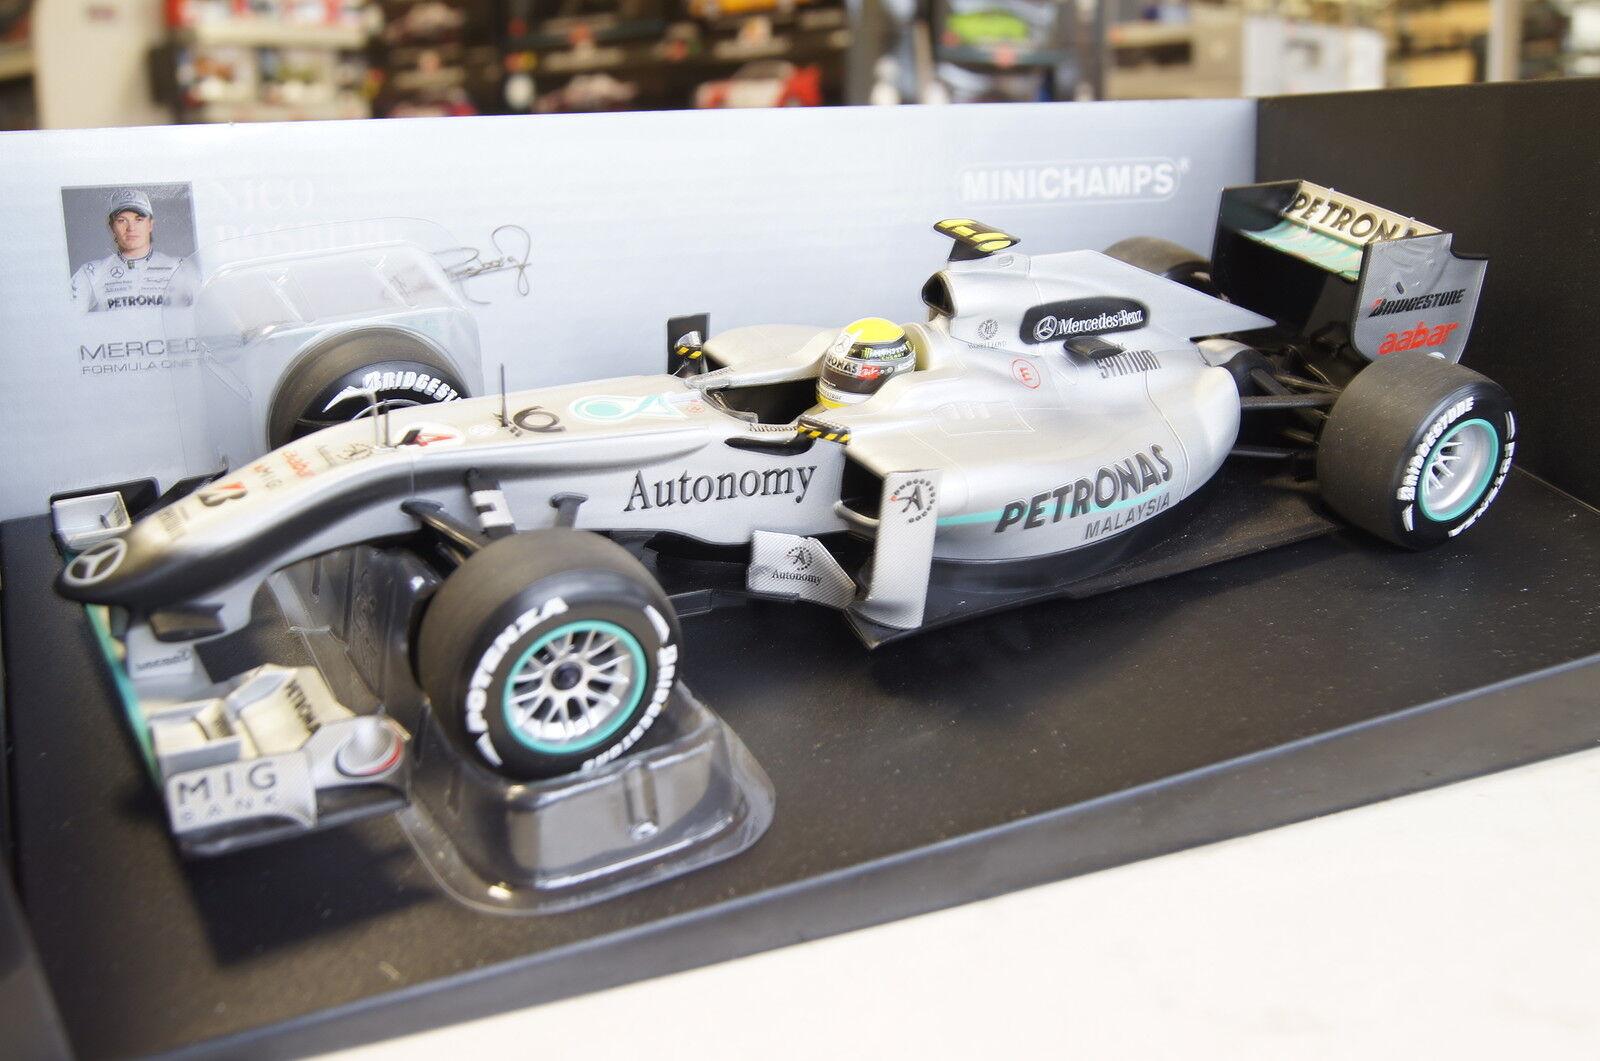 Formel 1 2010 Mercedes GP F1 Team N.Rosberg  4 1 18 Minichamps neu & OVP